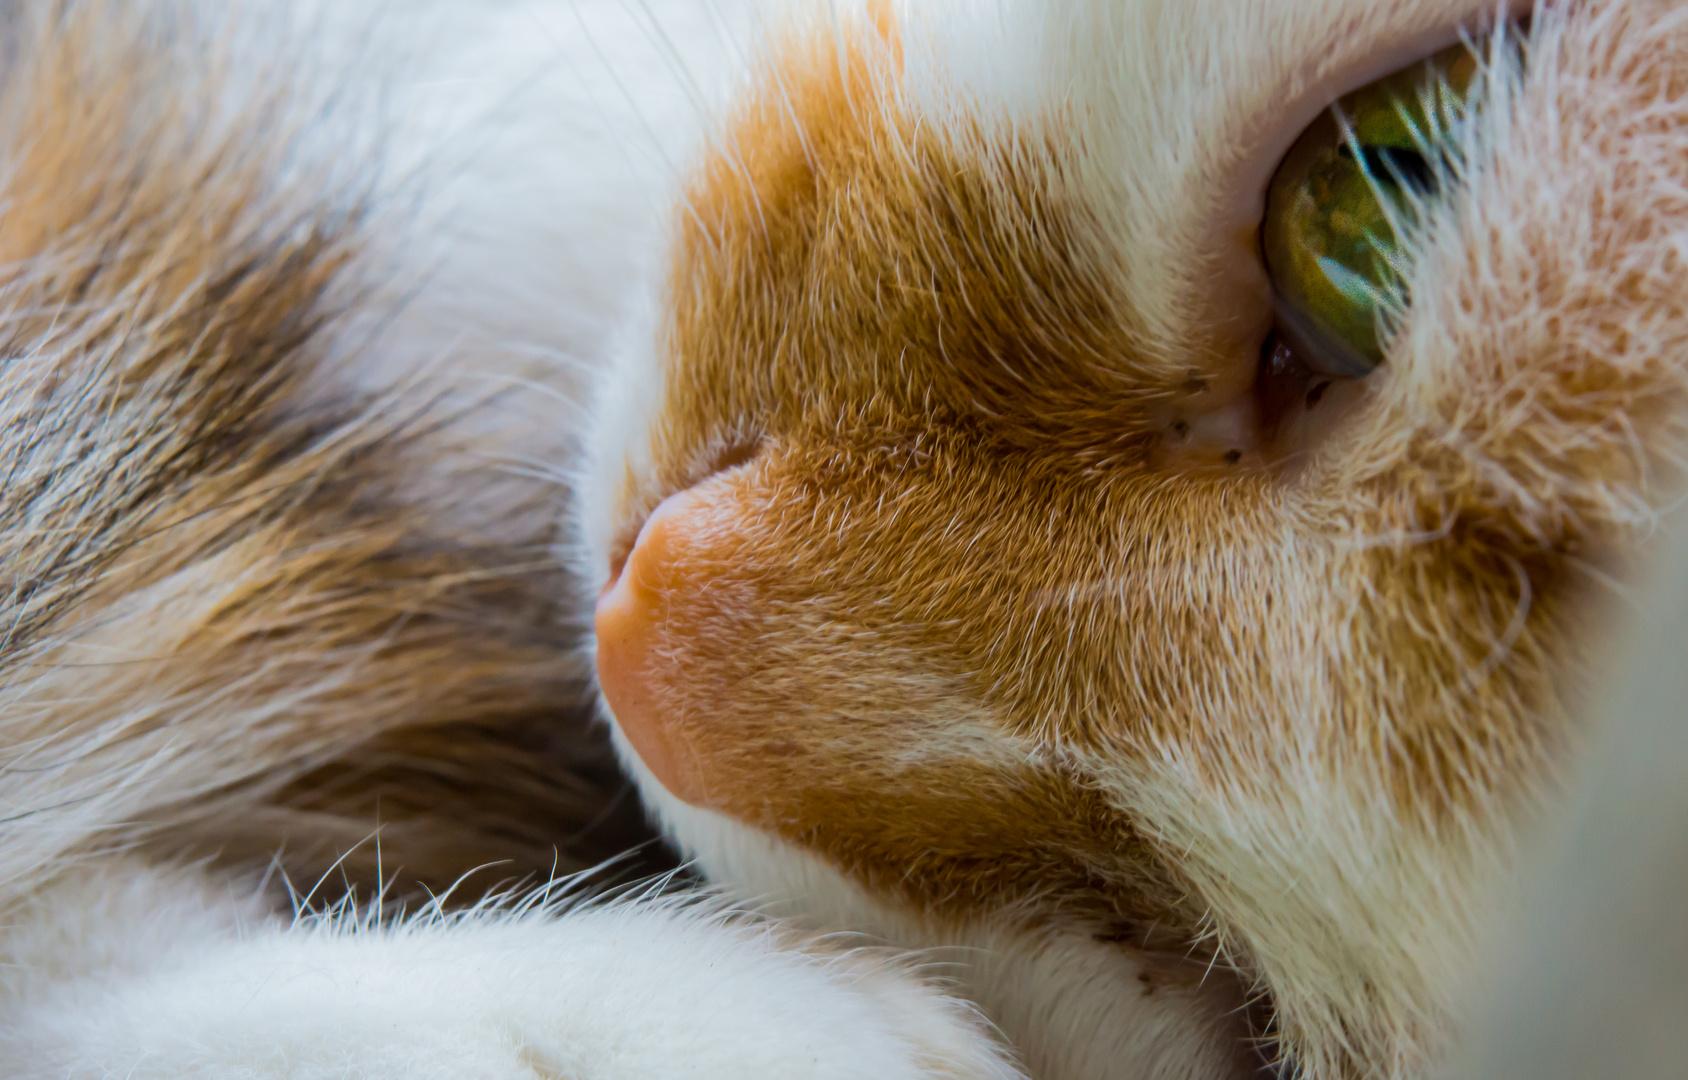 Katzen (haare) III - Chanel